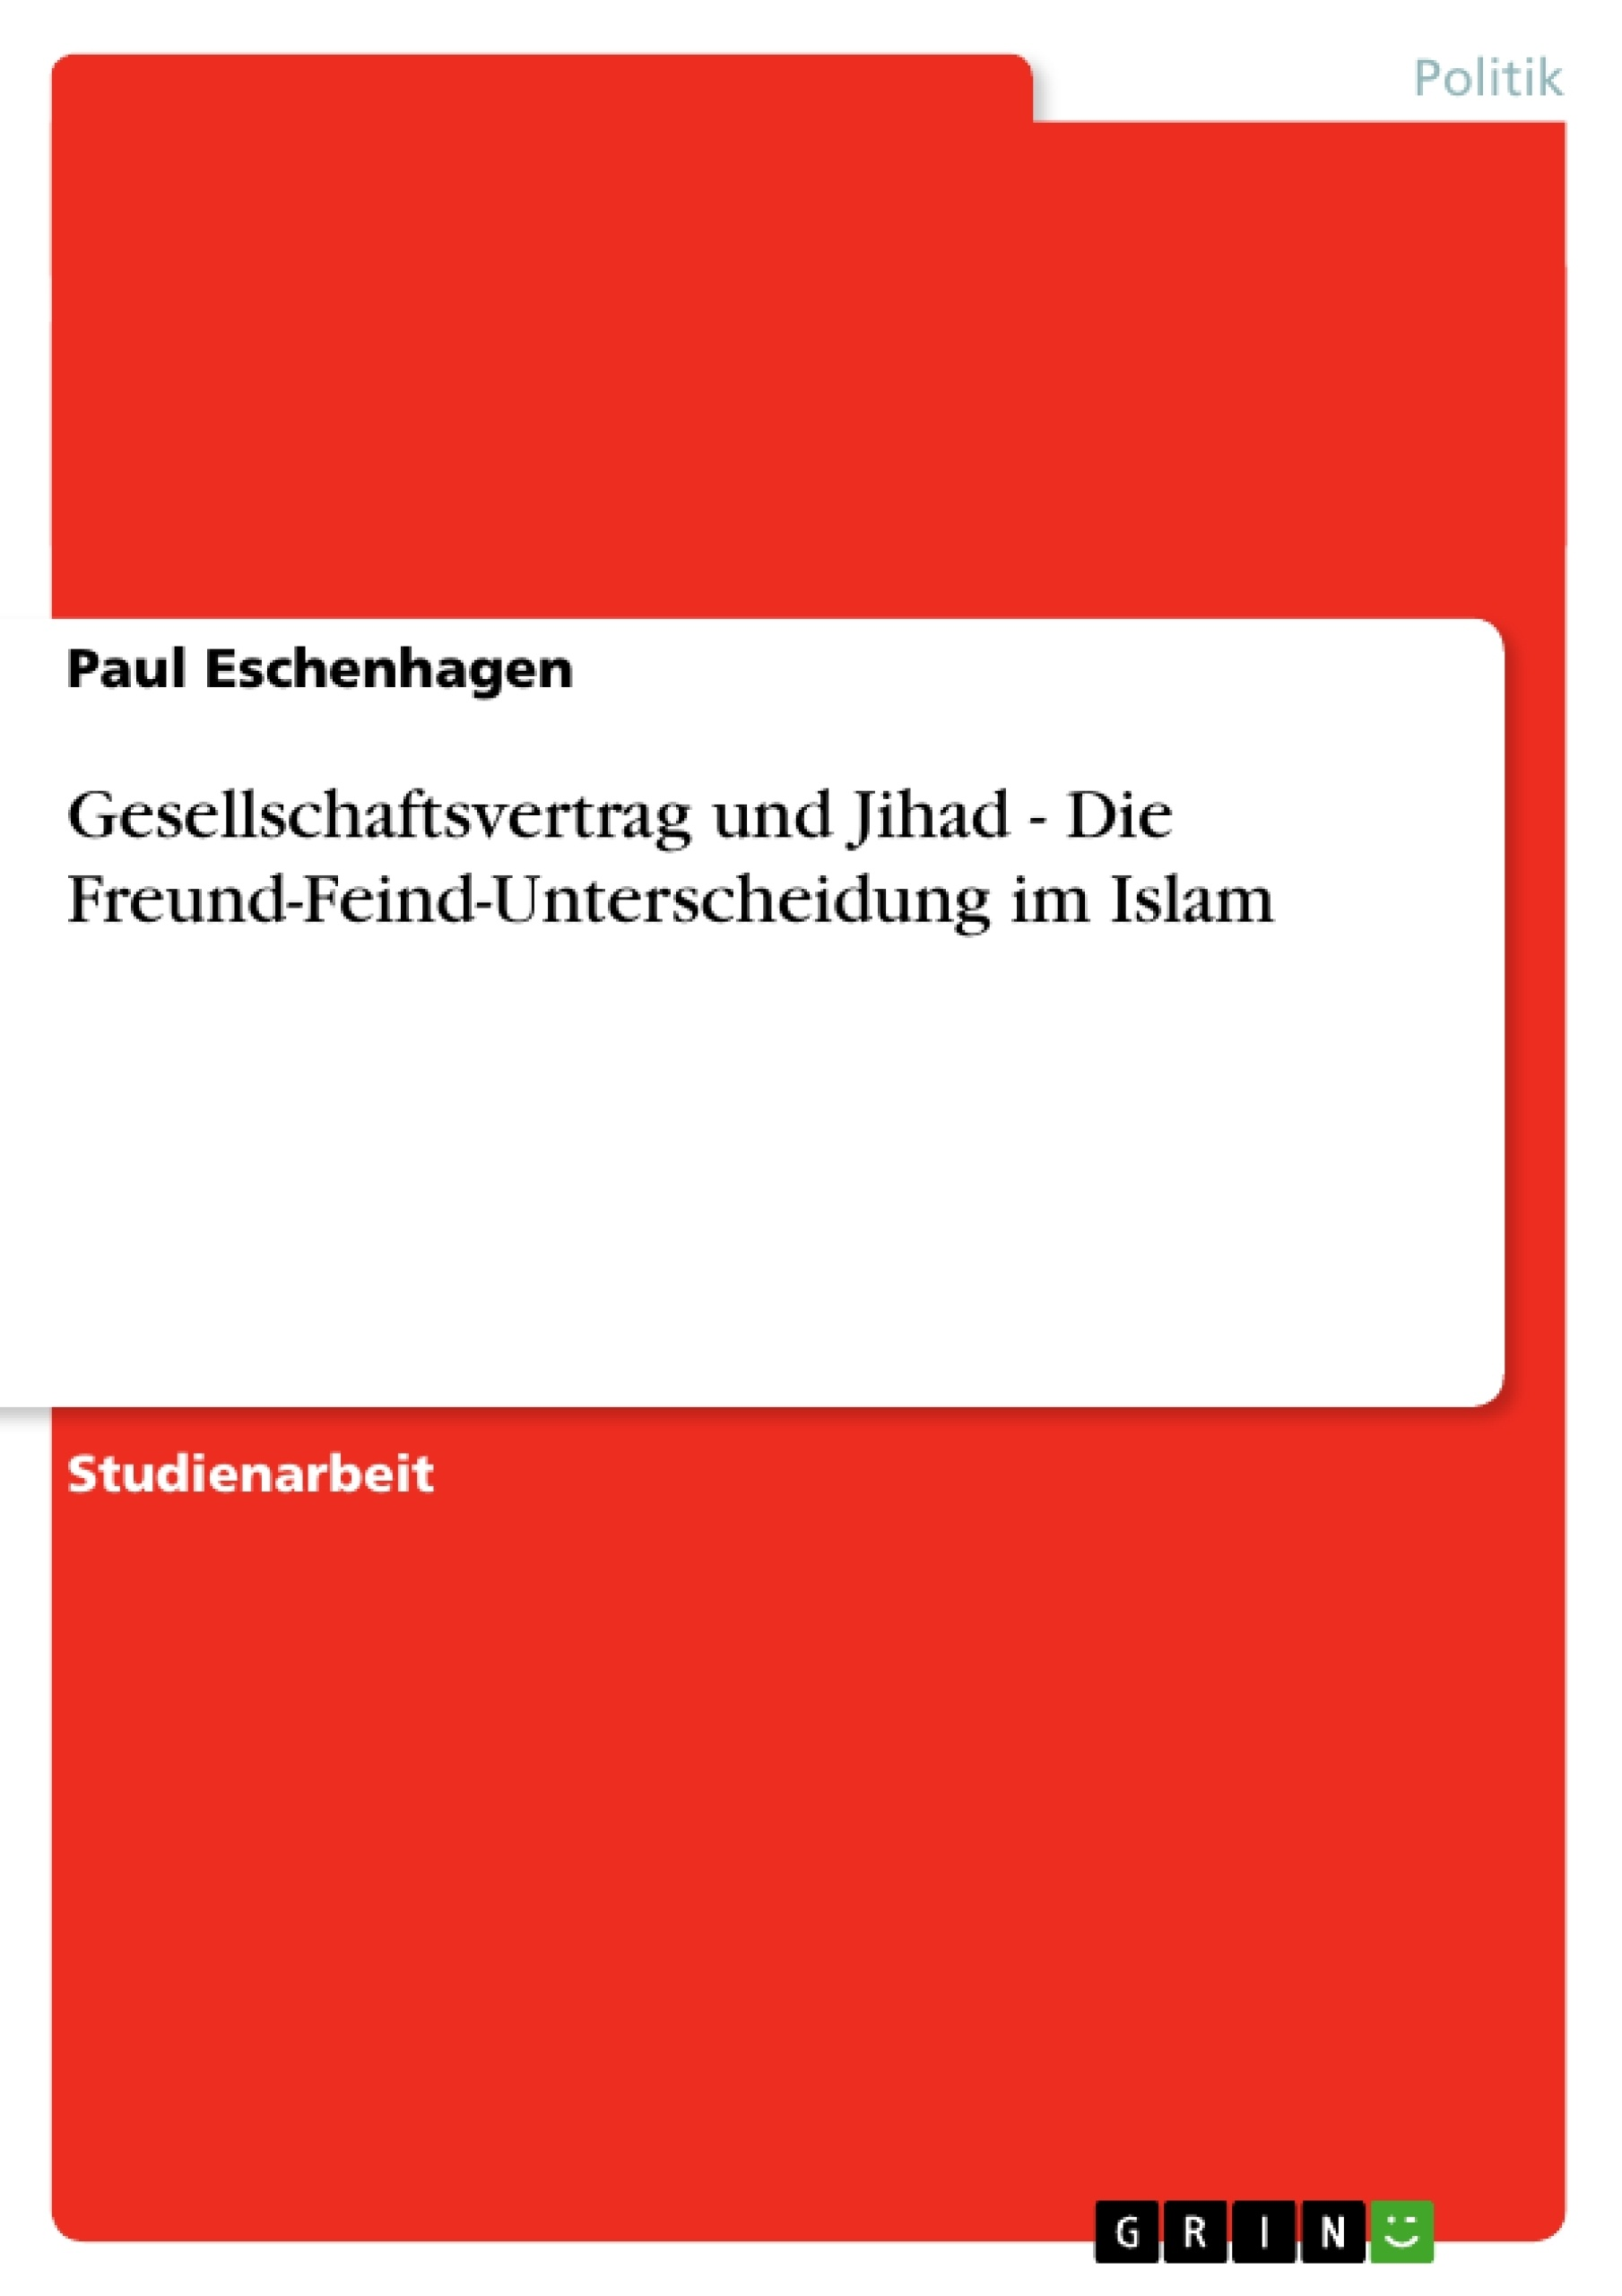 Titel: Gesellschaftsvertrag und Jihad - Die Freund-Feind-Unterscheidung im Islam